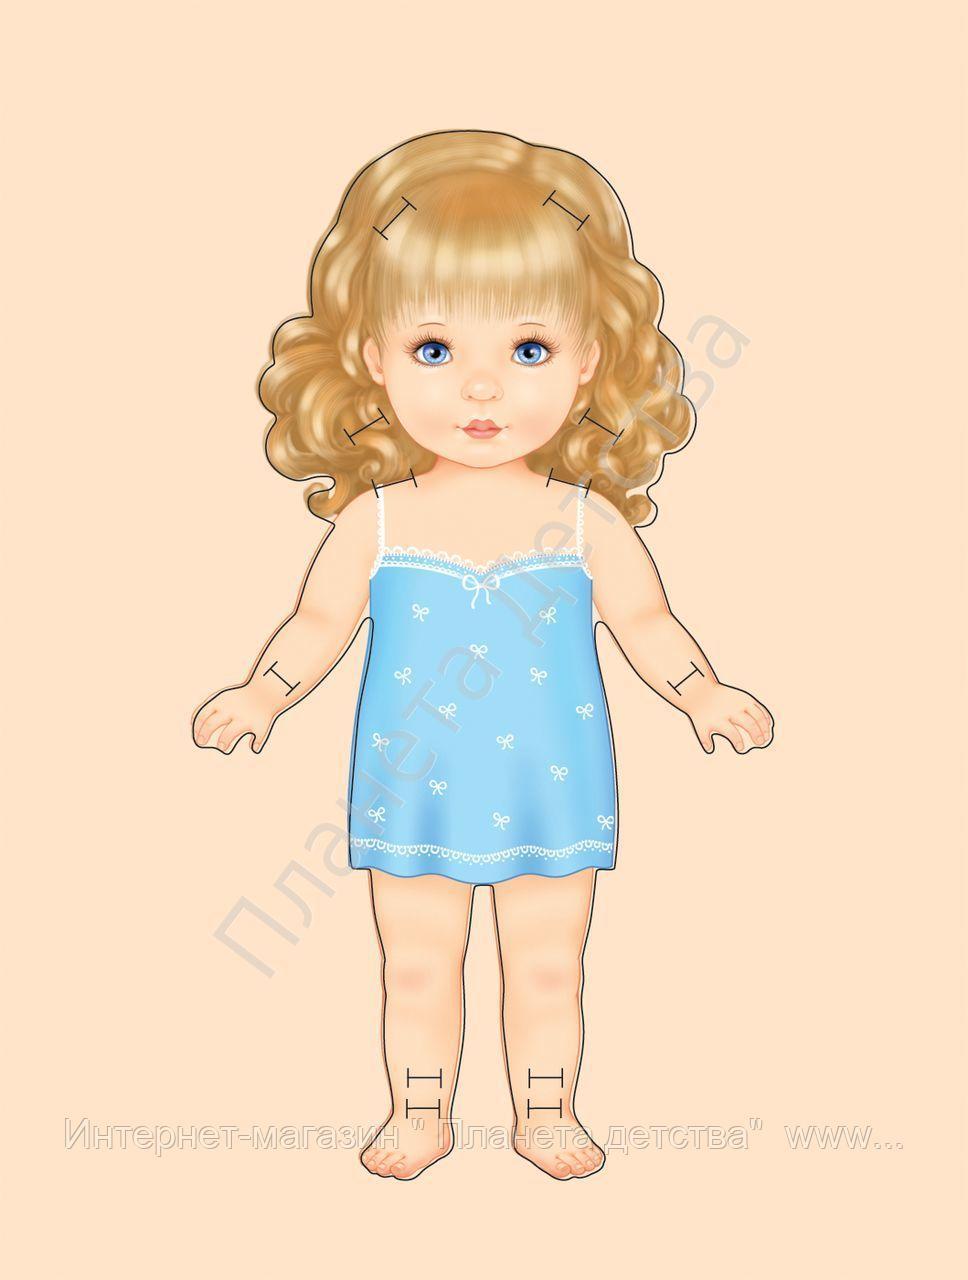 Одень куклу Книга с многоразовыми наклейками - фото 2